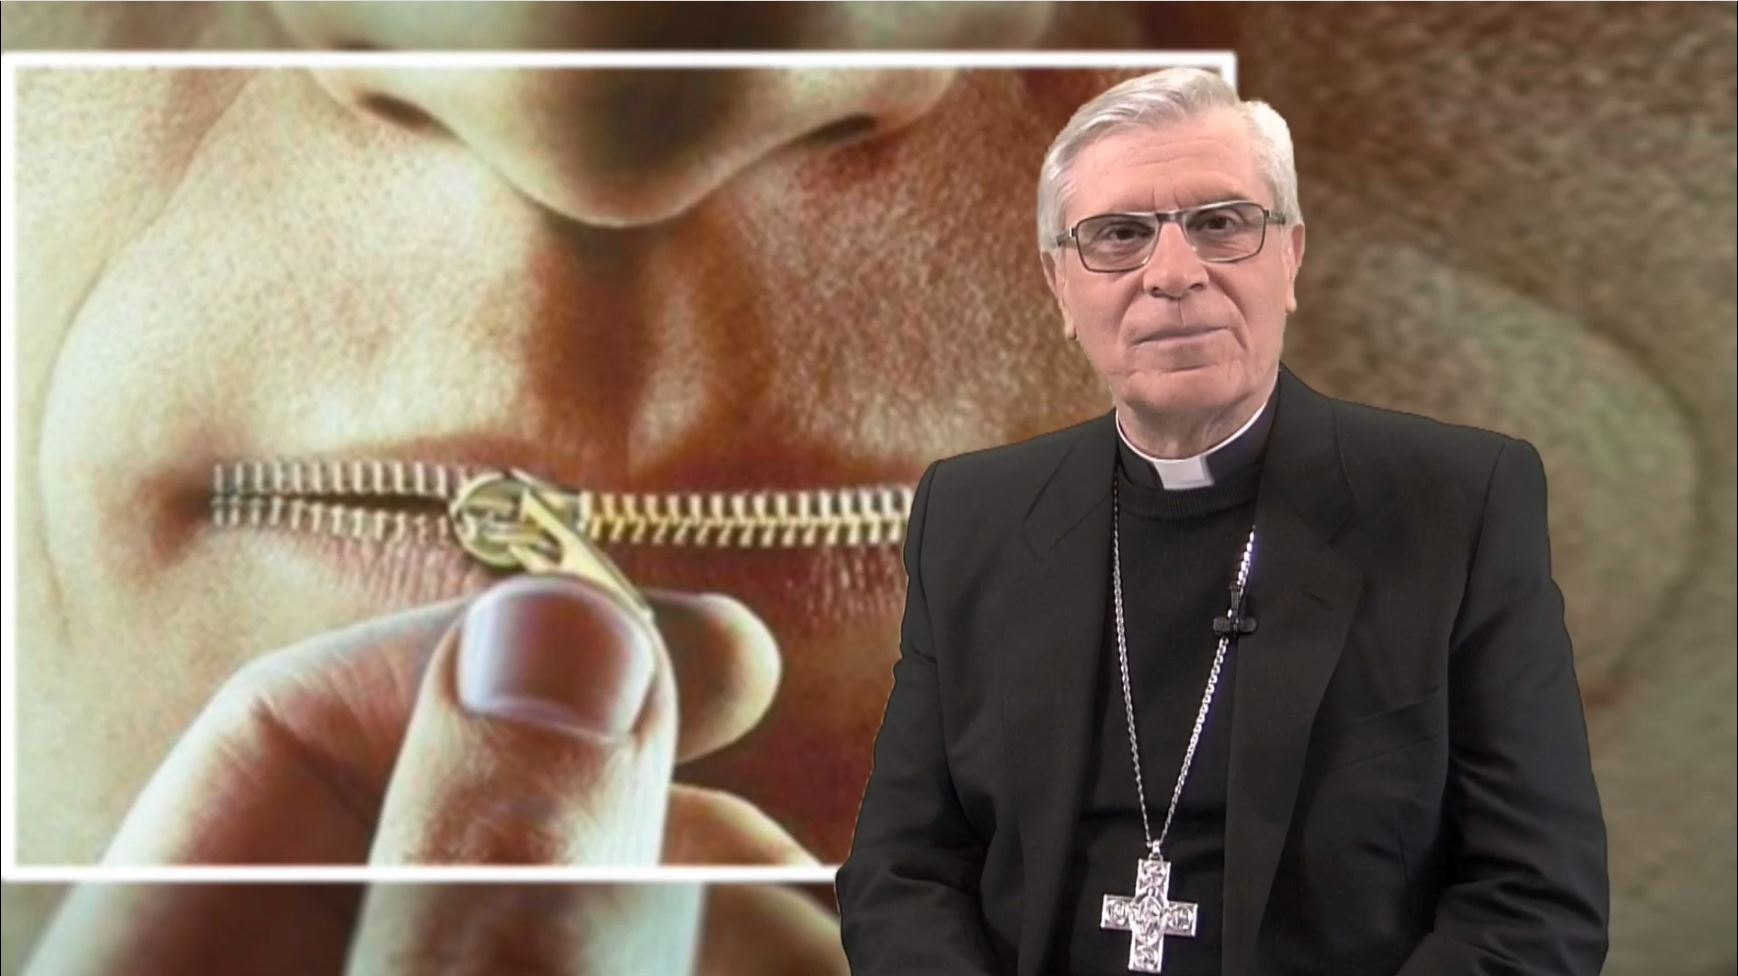 La chronique de Mgr Jean-Michel di Falco Léandri : Mêlez-vous de vos oignons !